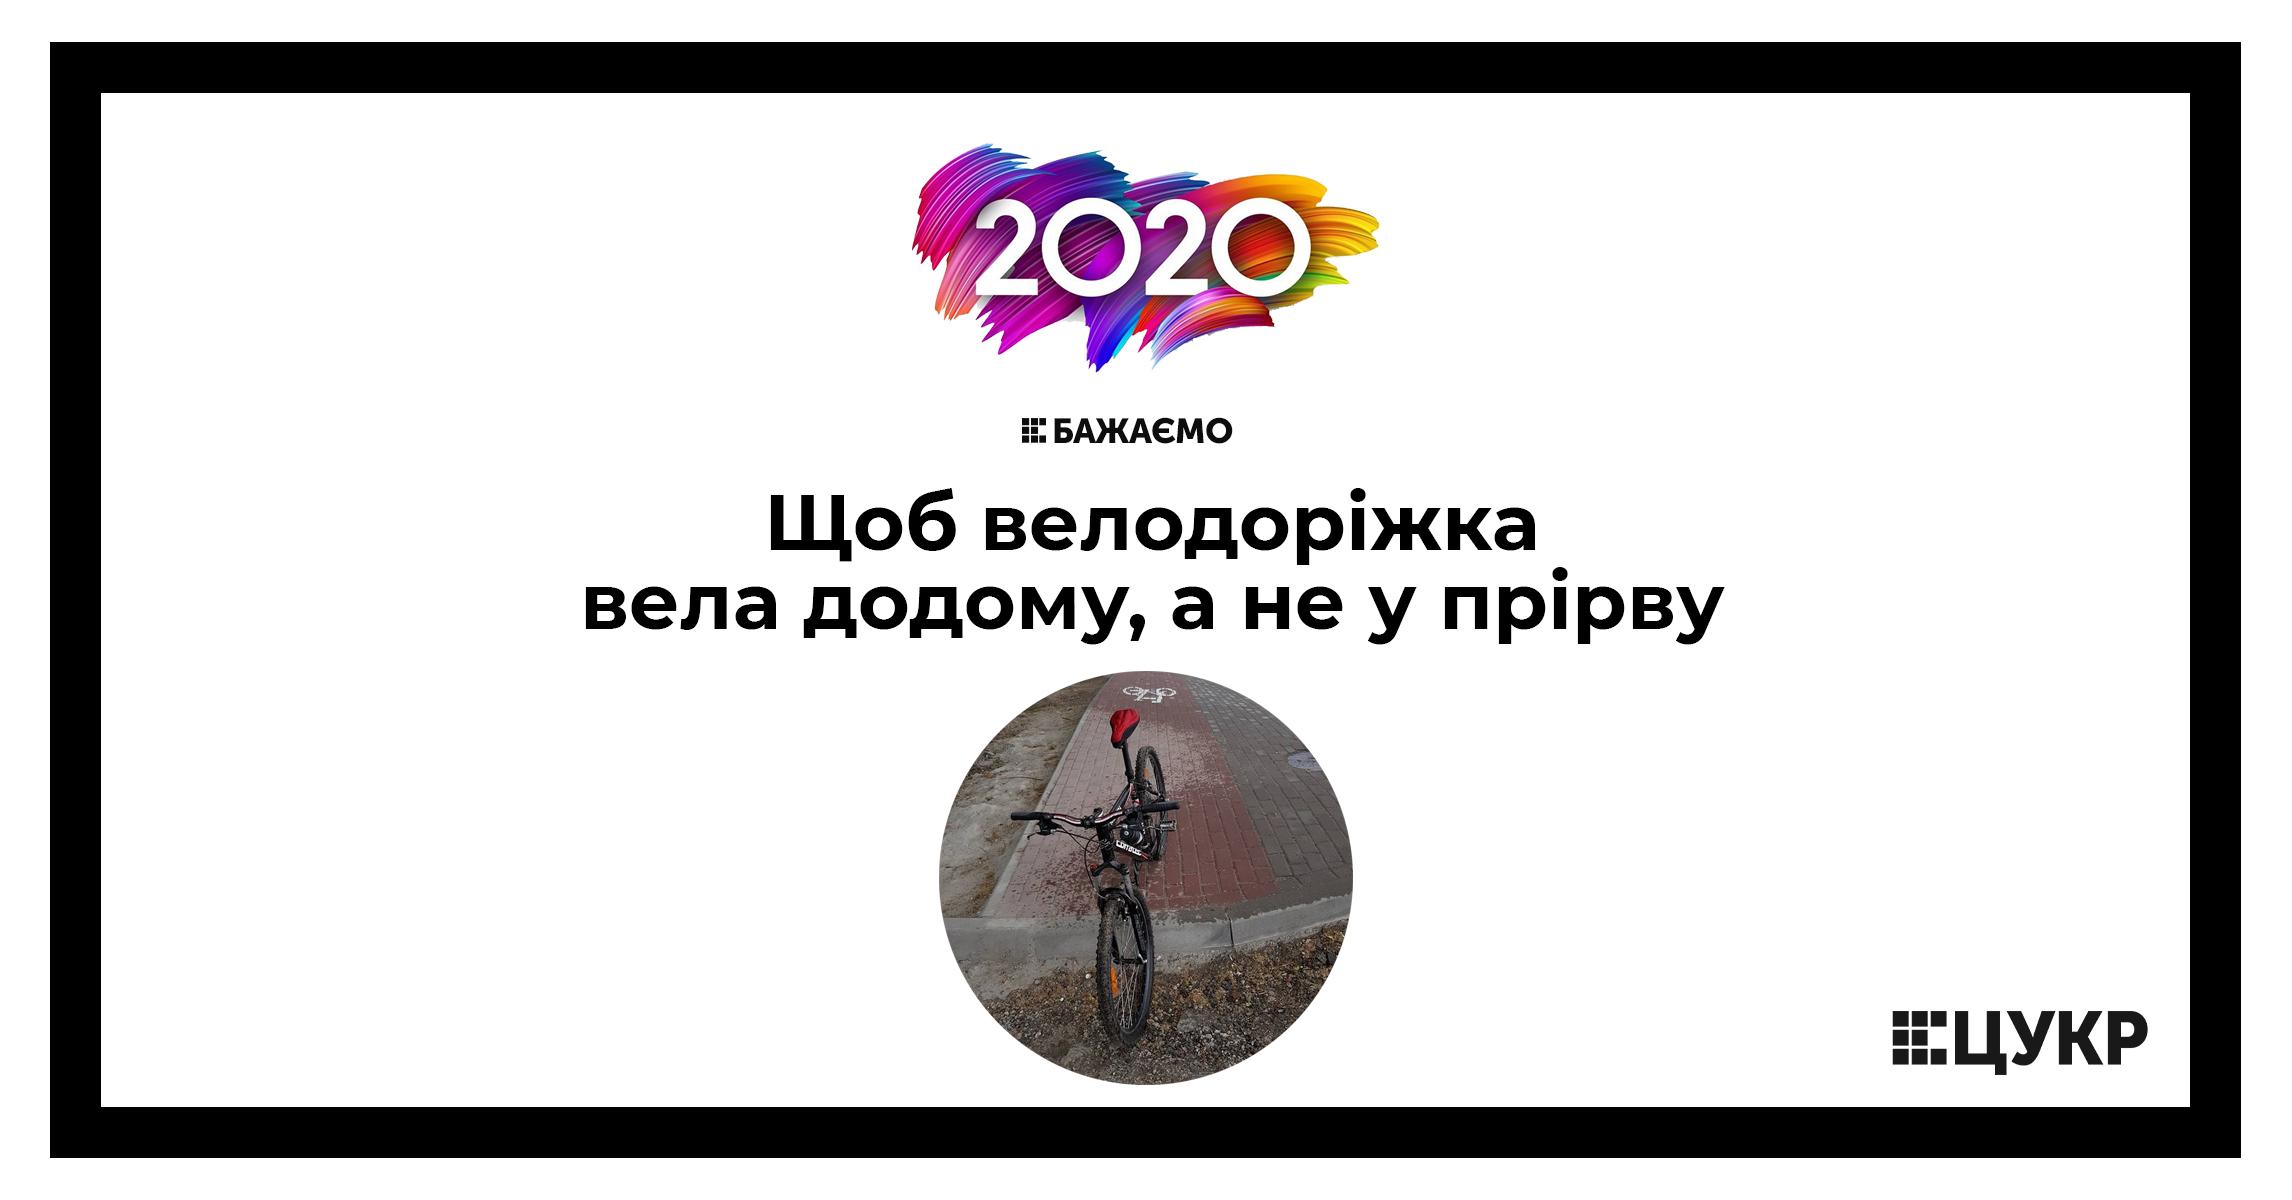 velodorizhka